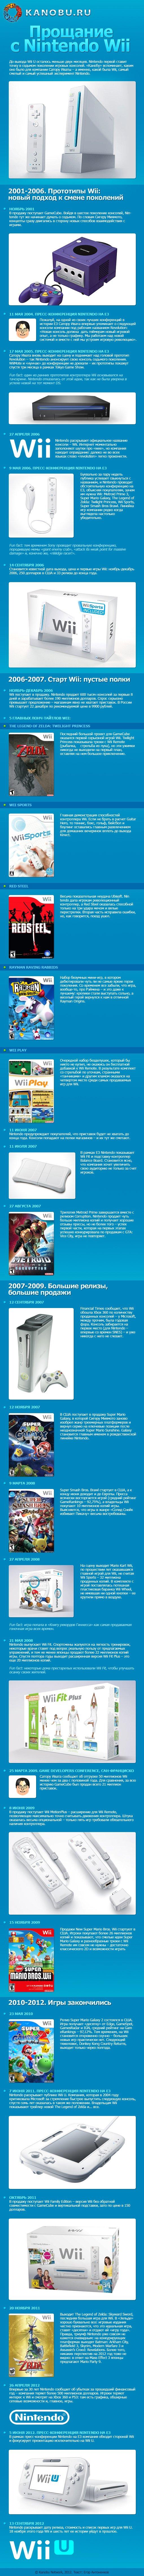 Прощание с Nintendo Wii: все игры и события. . - Изображение 2